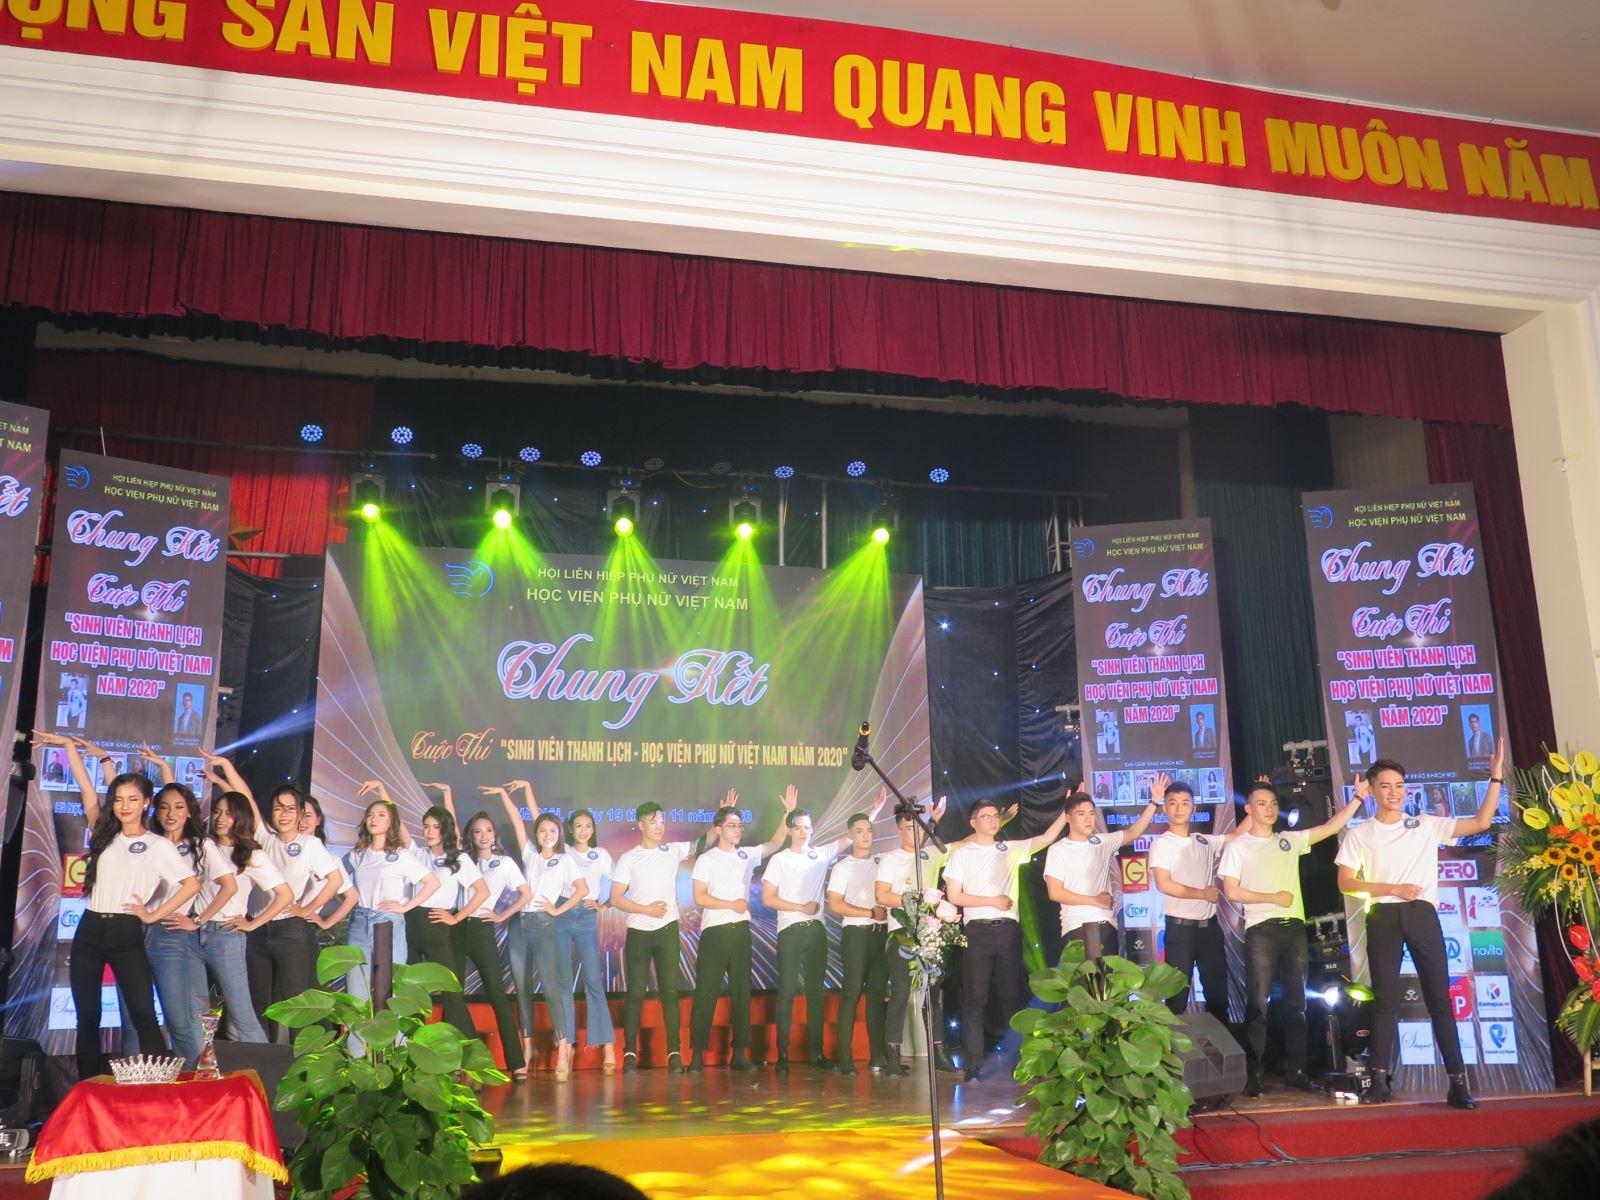 P/s ảnh: Đêm hội tài năng, nhan sắc của sinh viên Học viện Phụ nữ Việt Nam